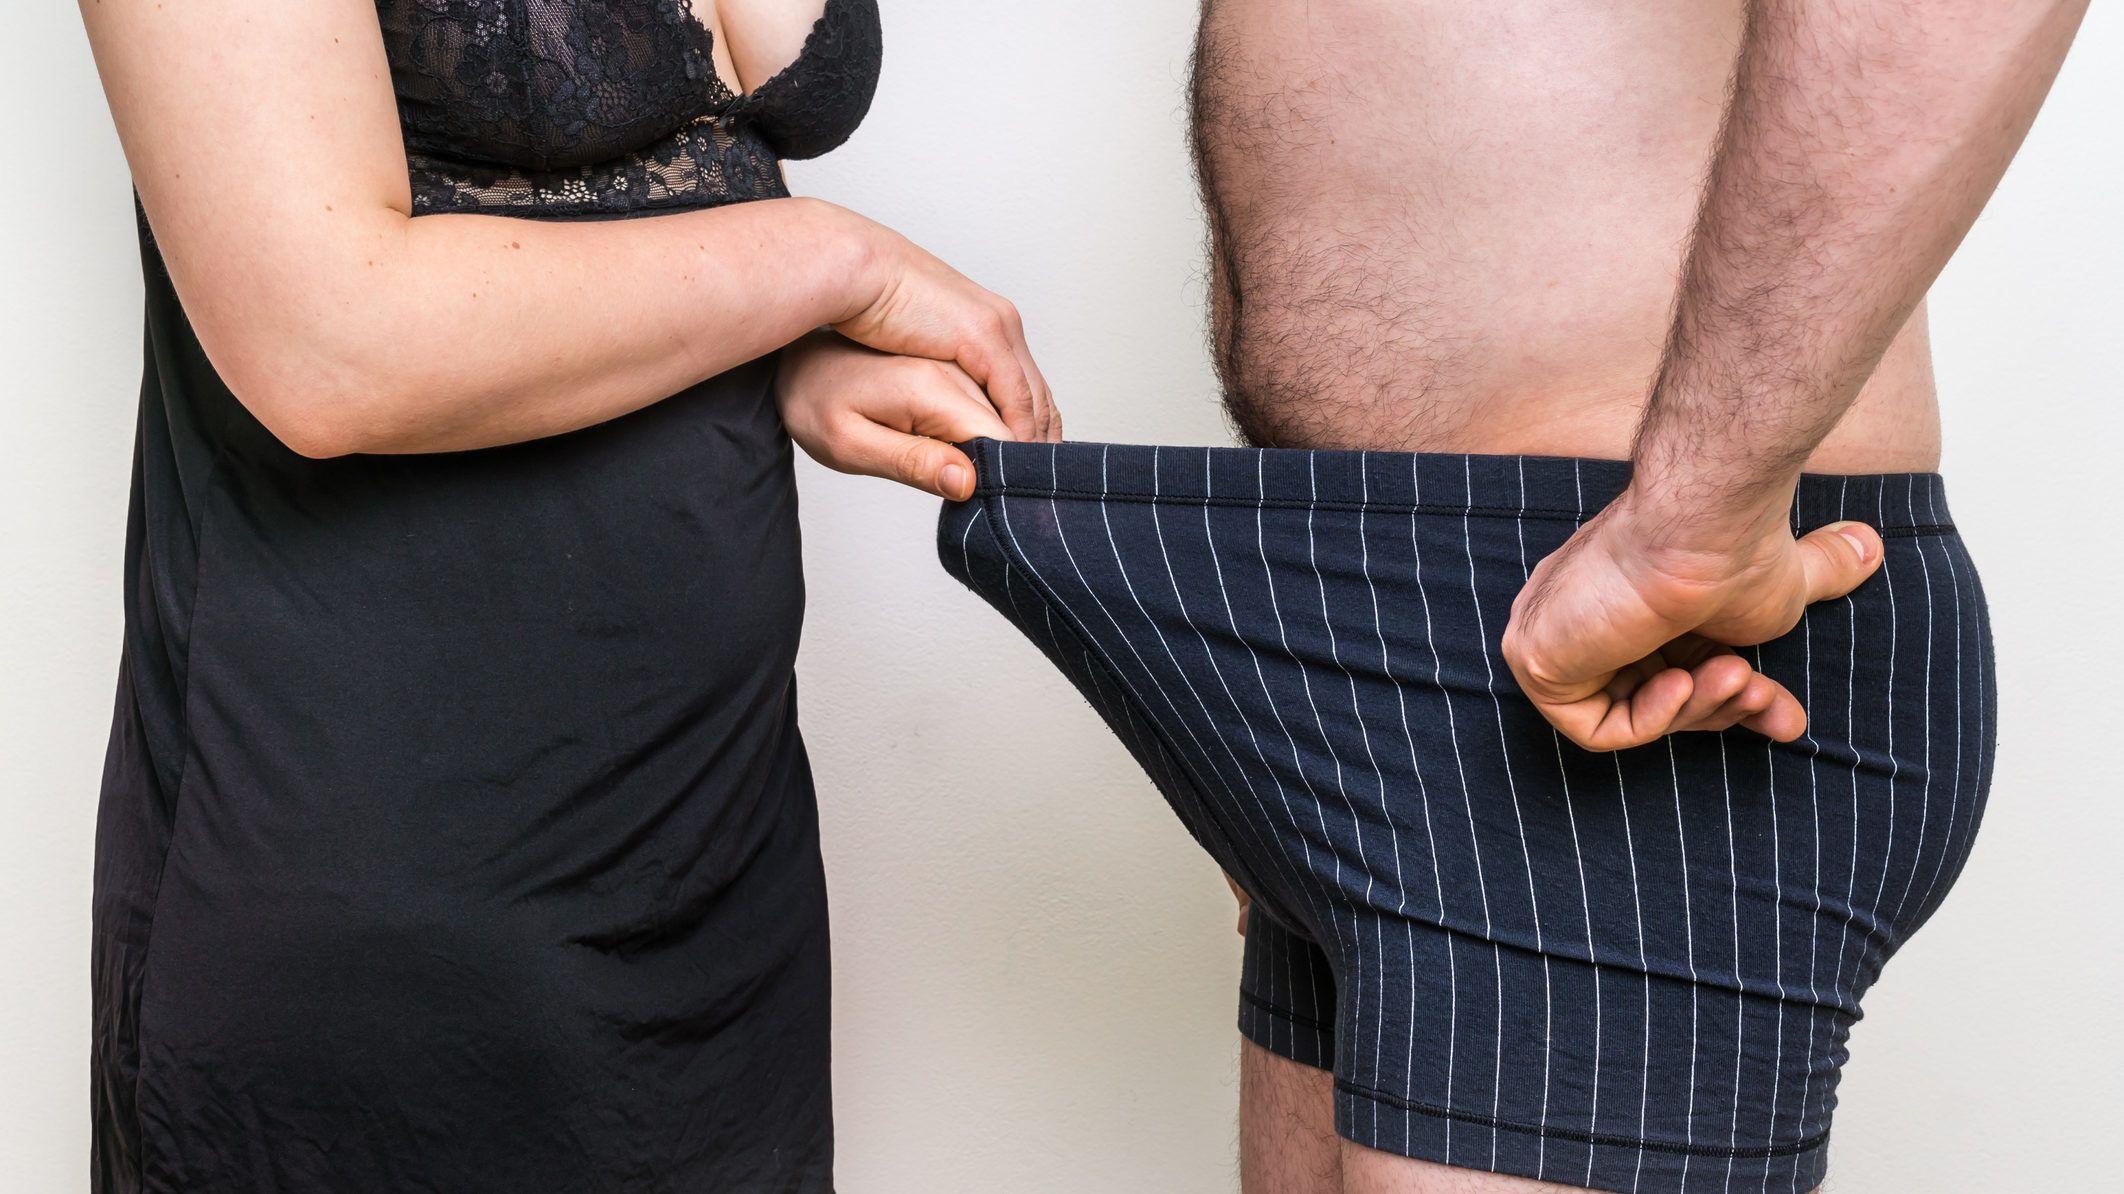 hím pénisz zsírban befolyásolja az óvszer az erekciót